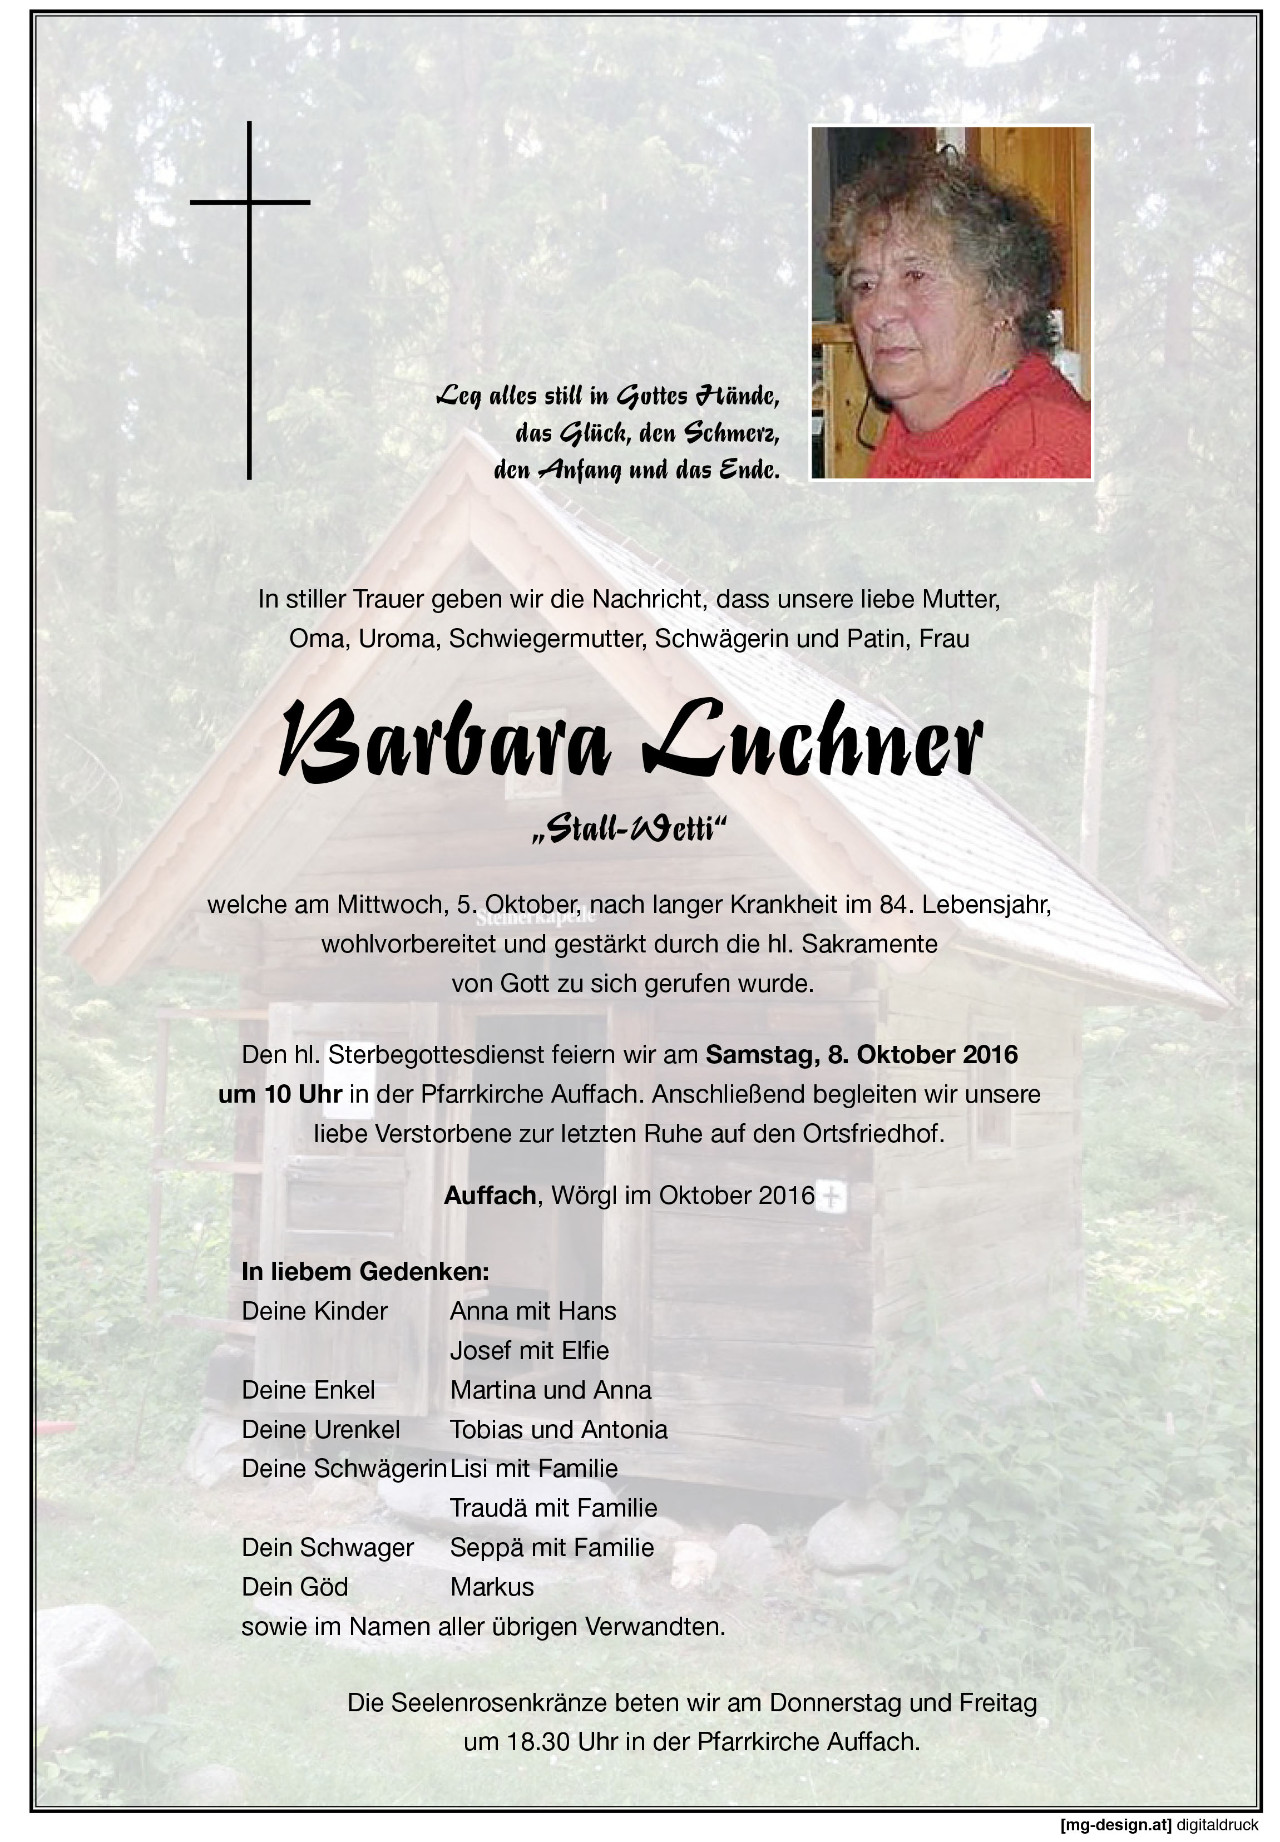 parten_barbara_luchner